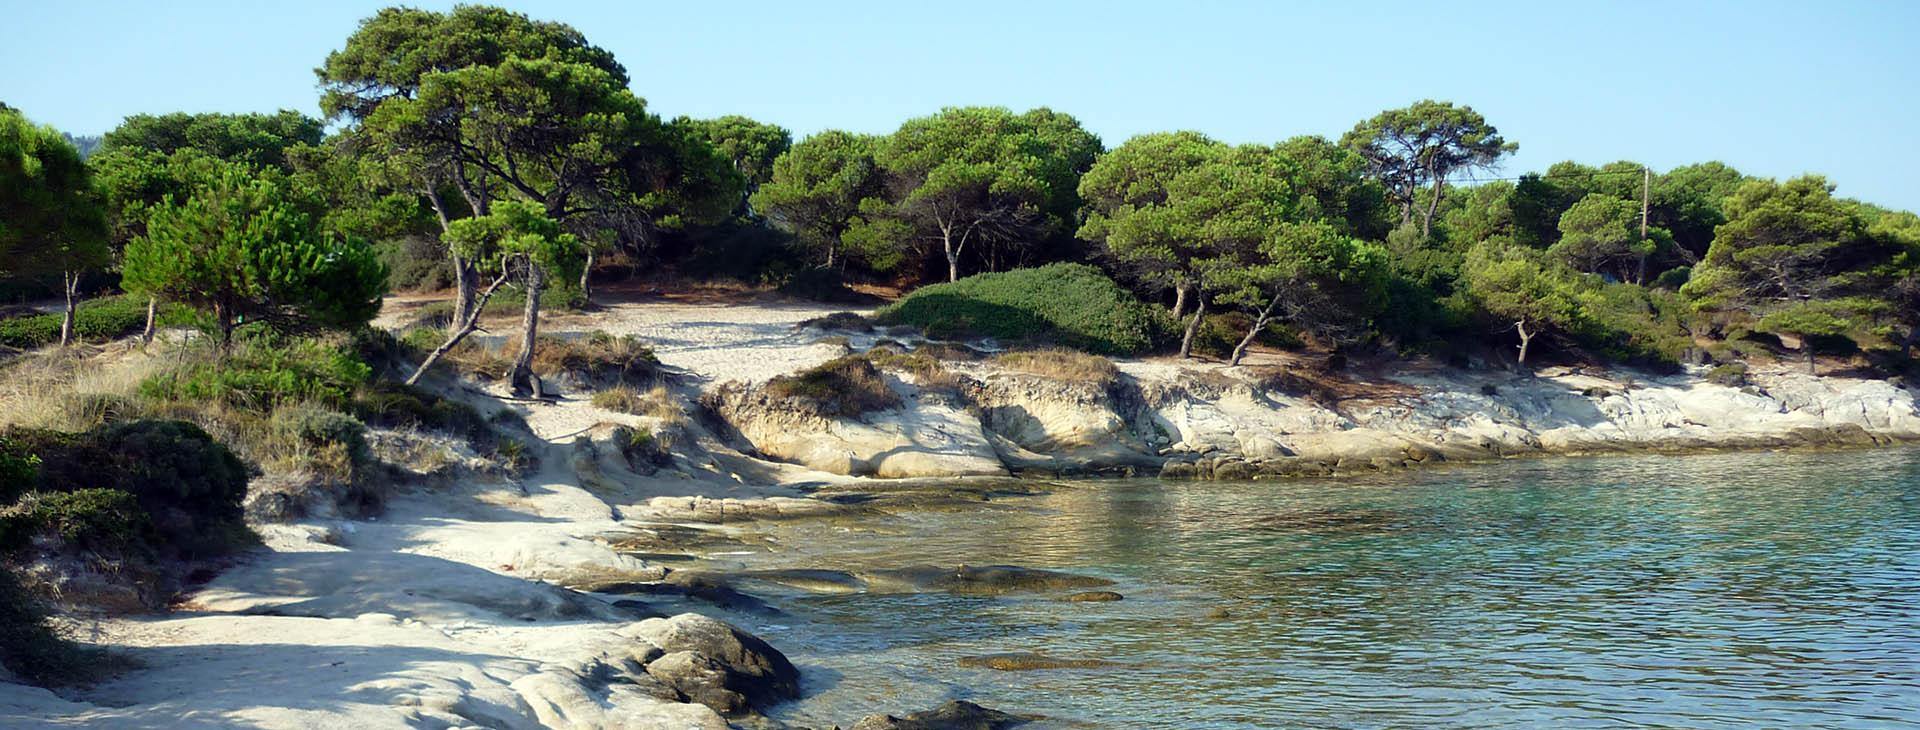 Beach at Halkidiki (Chalkidiki)